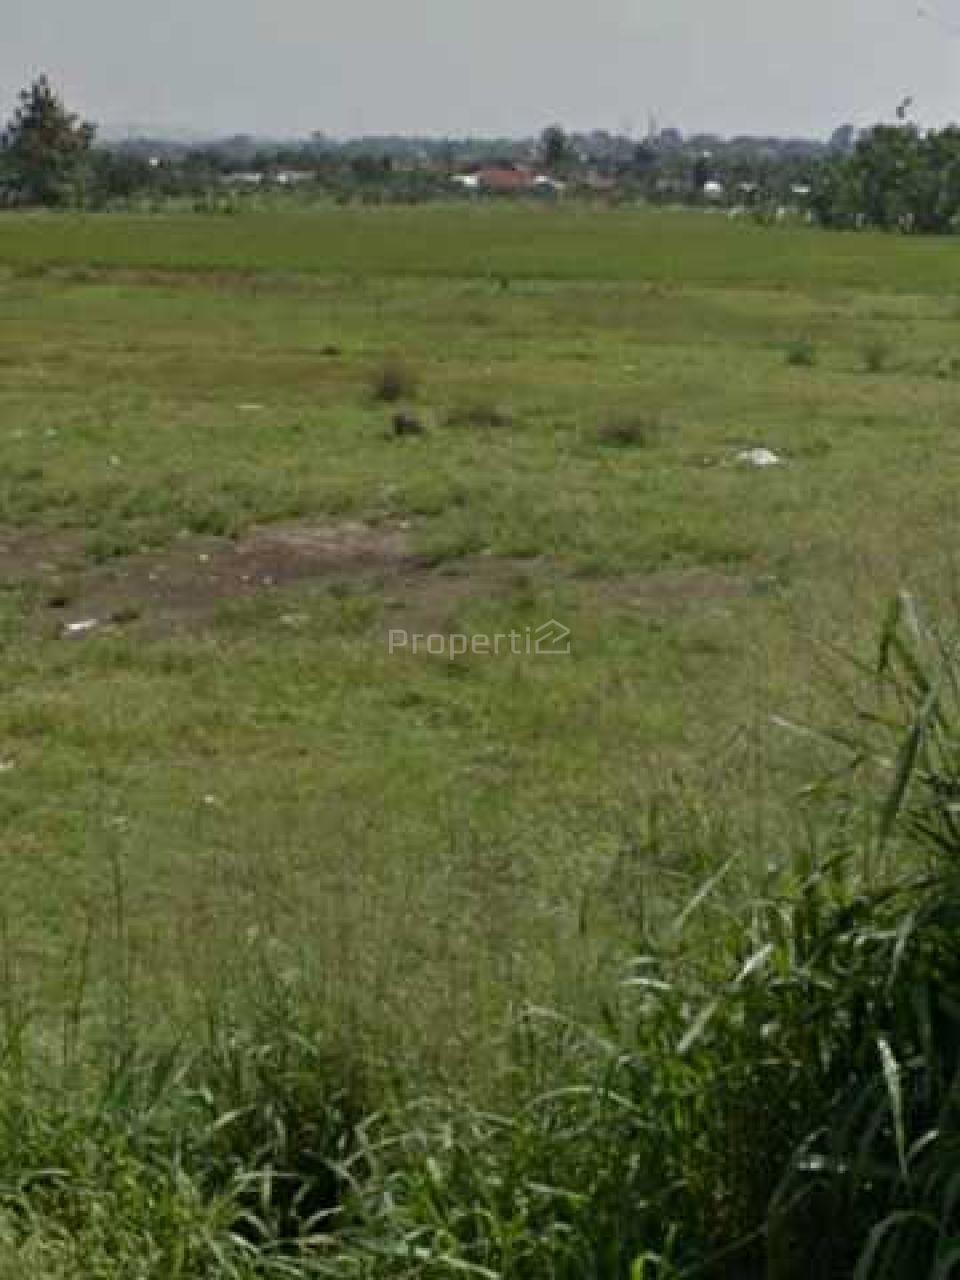 Tanah Lapang dan Datar di Ciomas, Bogor, Jawa Barat